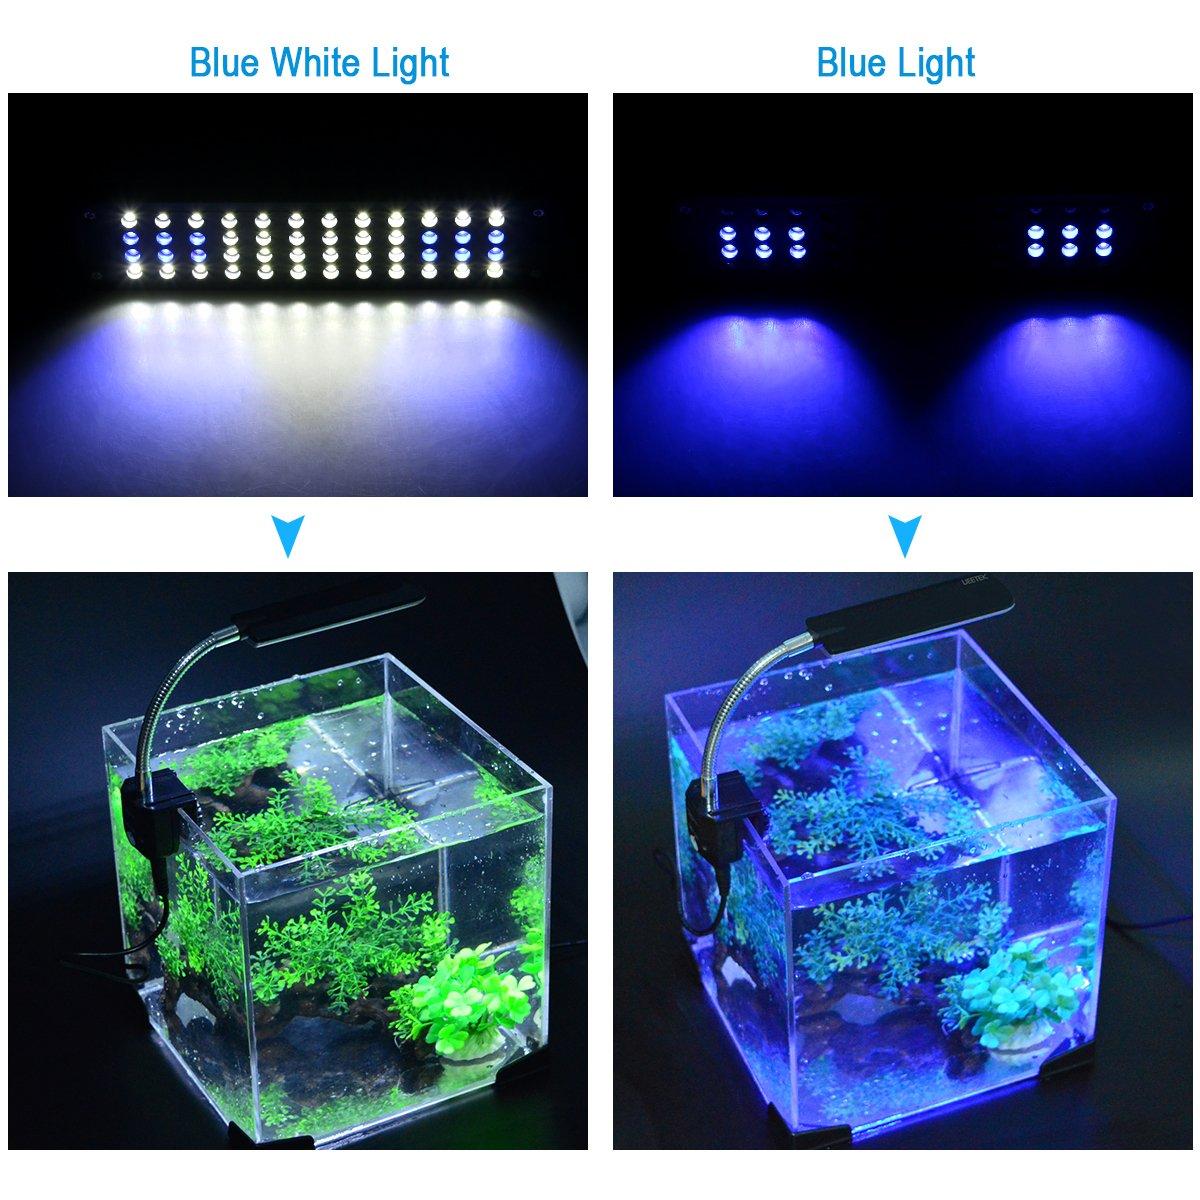 UEETEK Alta potencia 48-LED 3-modo conmutación pecera acuario LED lámpara con el adaptador de enchufe de la UE: Amazon.es: Electrónica